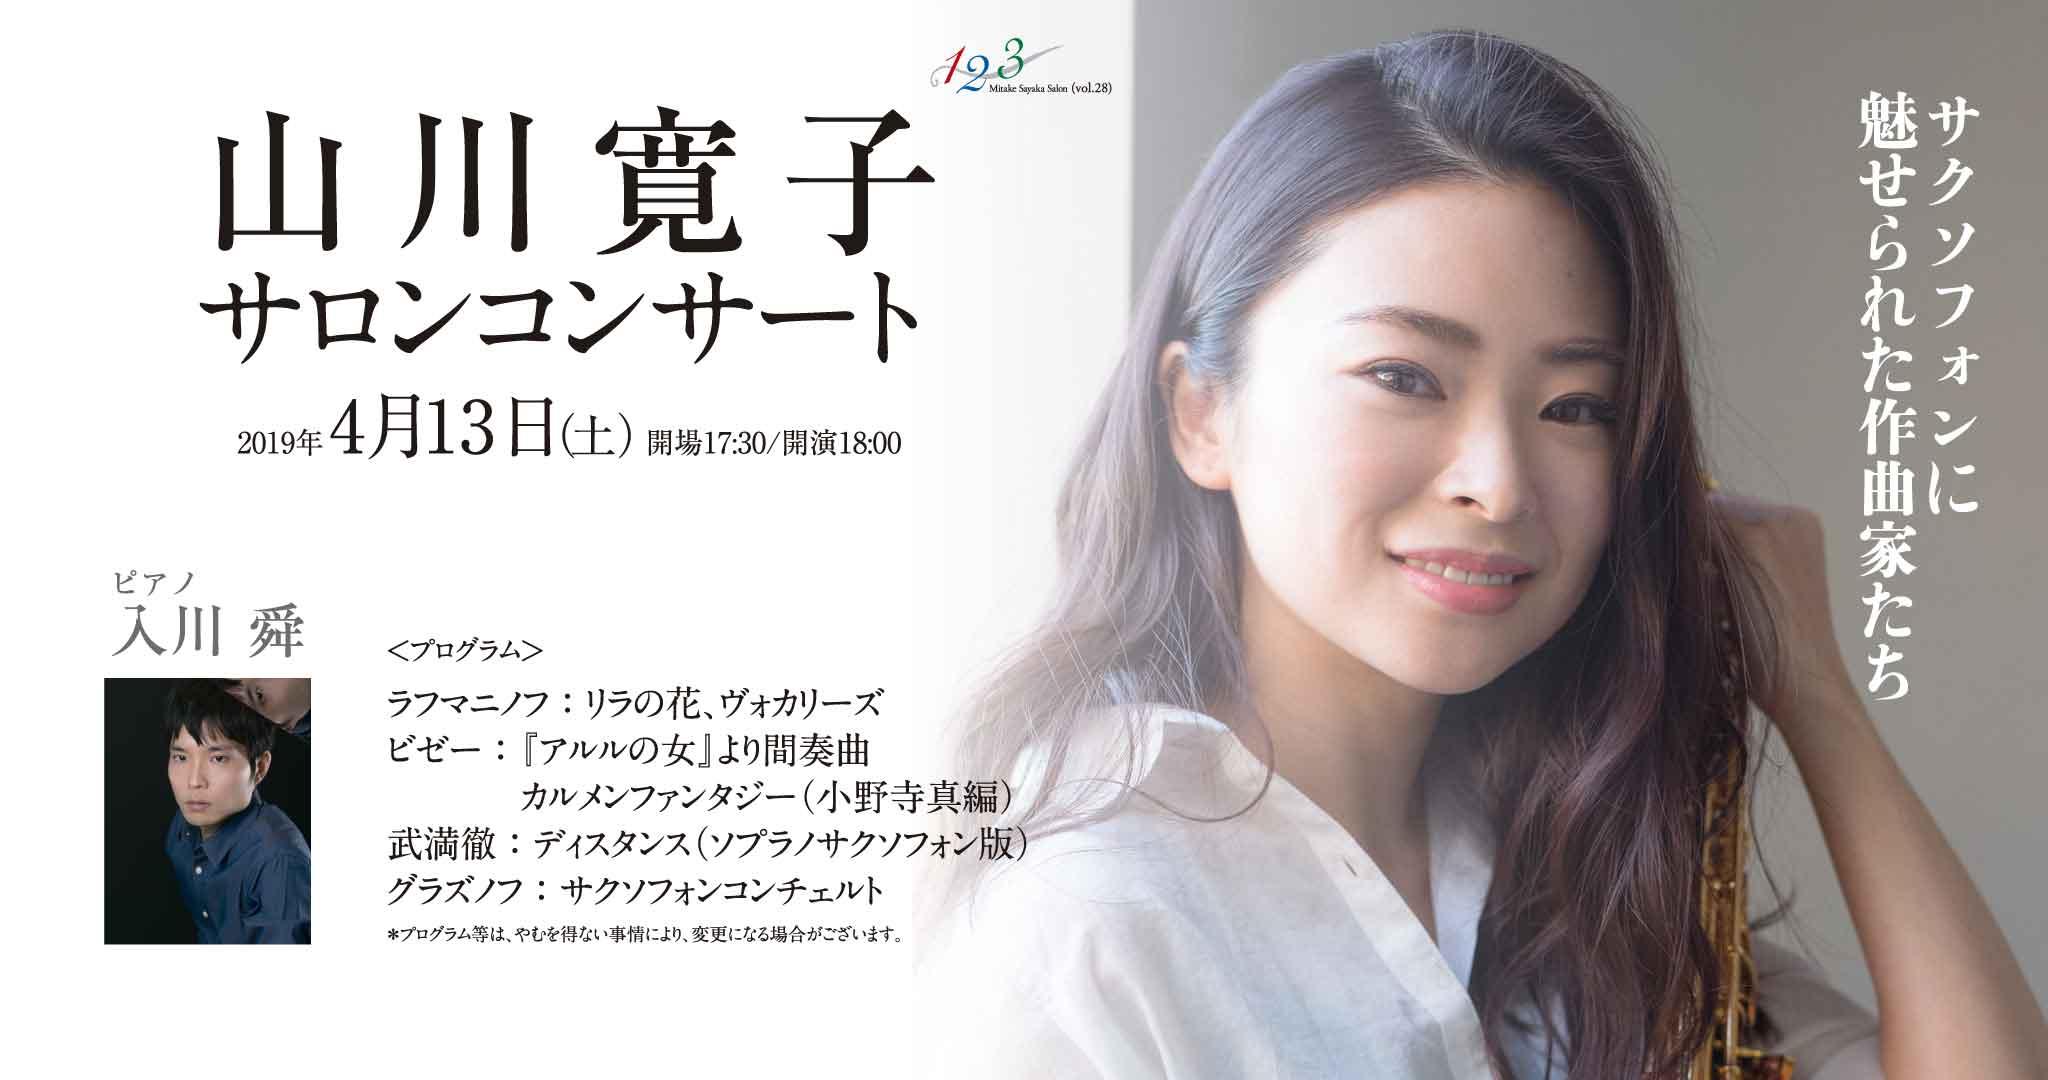 4月13日18:00〜 山川寛子サロンコンサート(ピアノ:入川 舜)